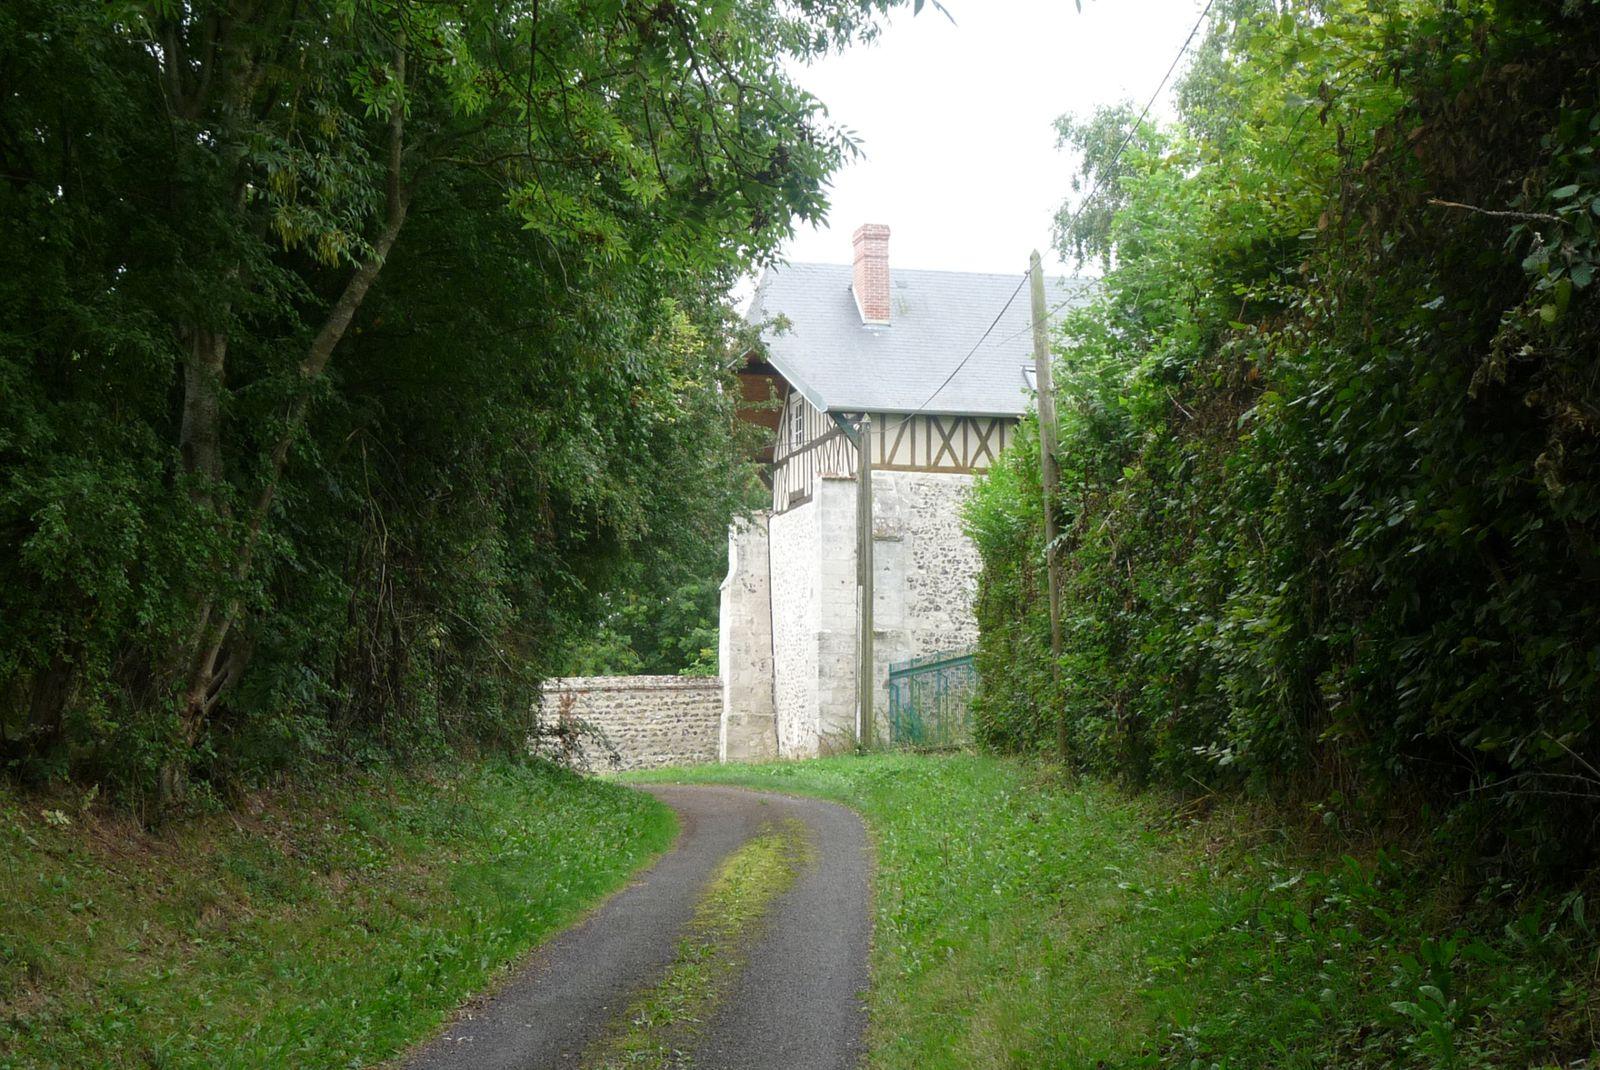 Vues diverses sur l'ancienne ferme de Blacquetuit (clichés Armand Launay, été 2013)